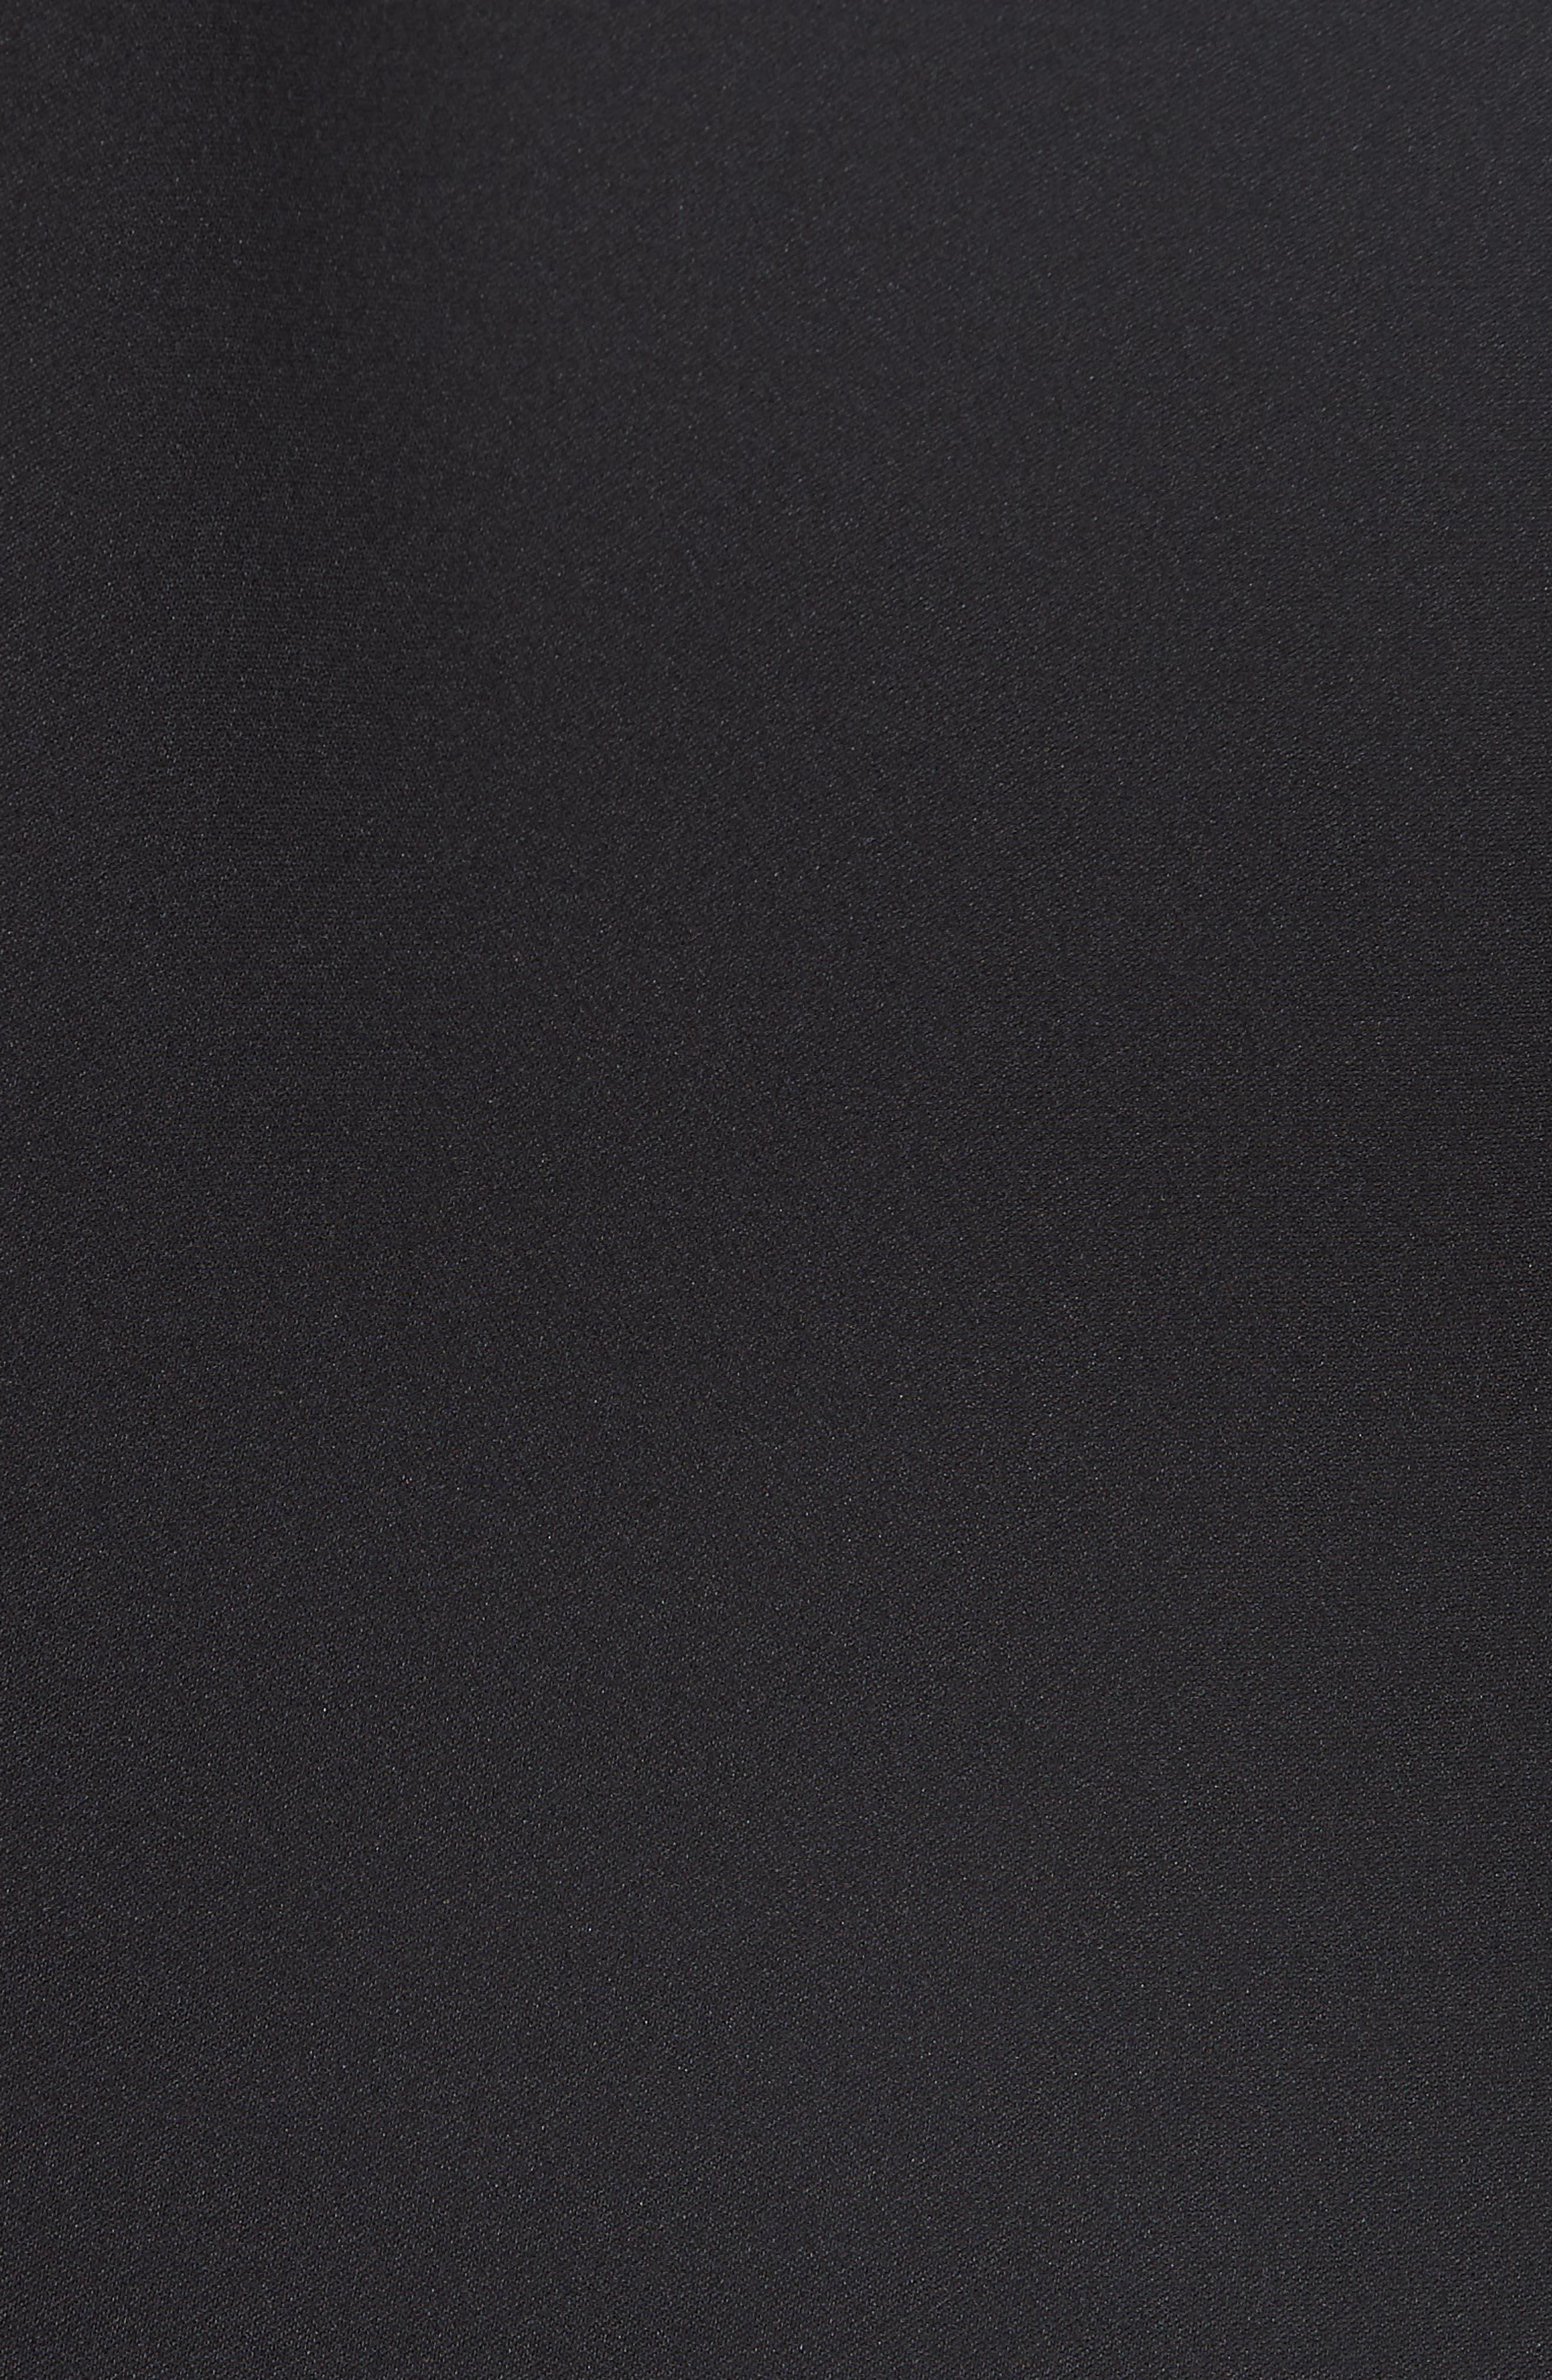 Grinson Silk Suit Jacket,                             Alternate thumbnail 6, color,                             001